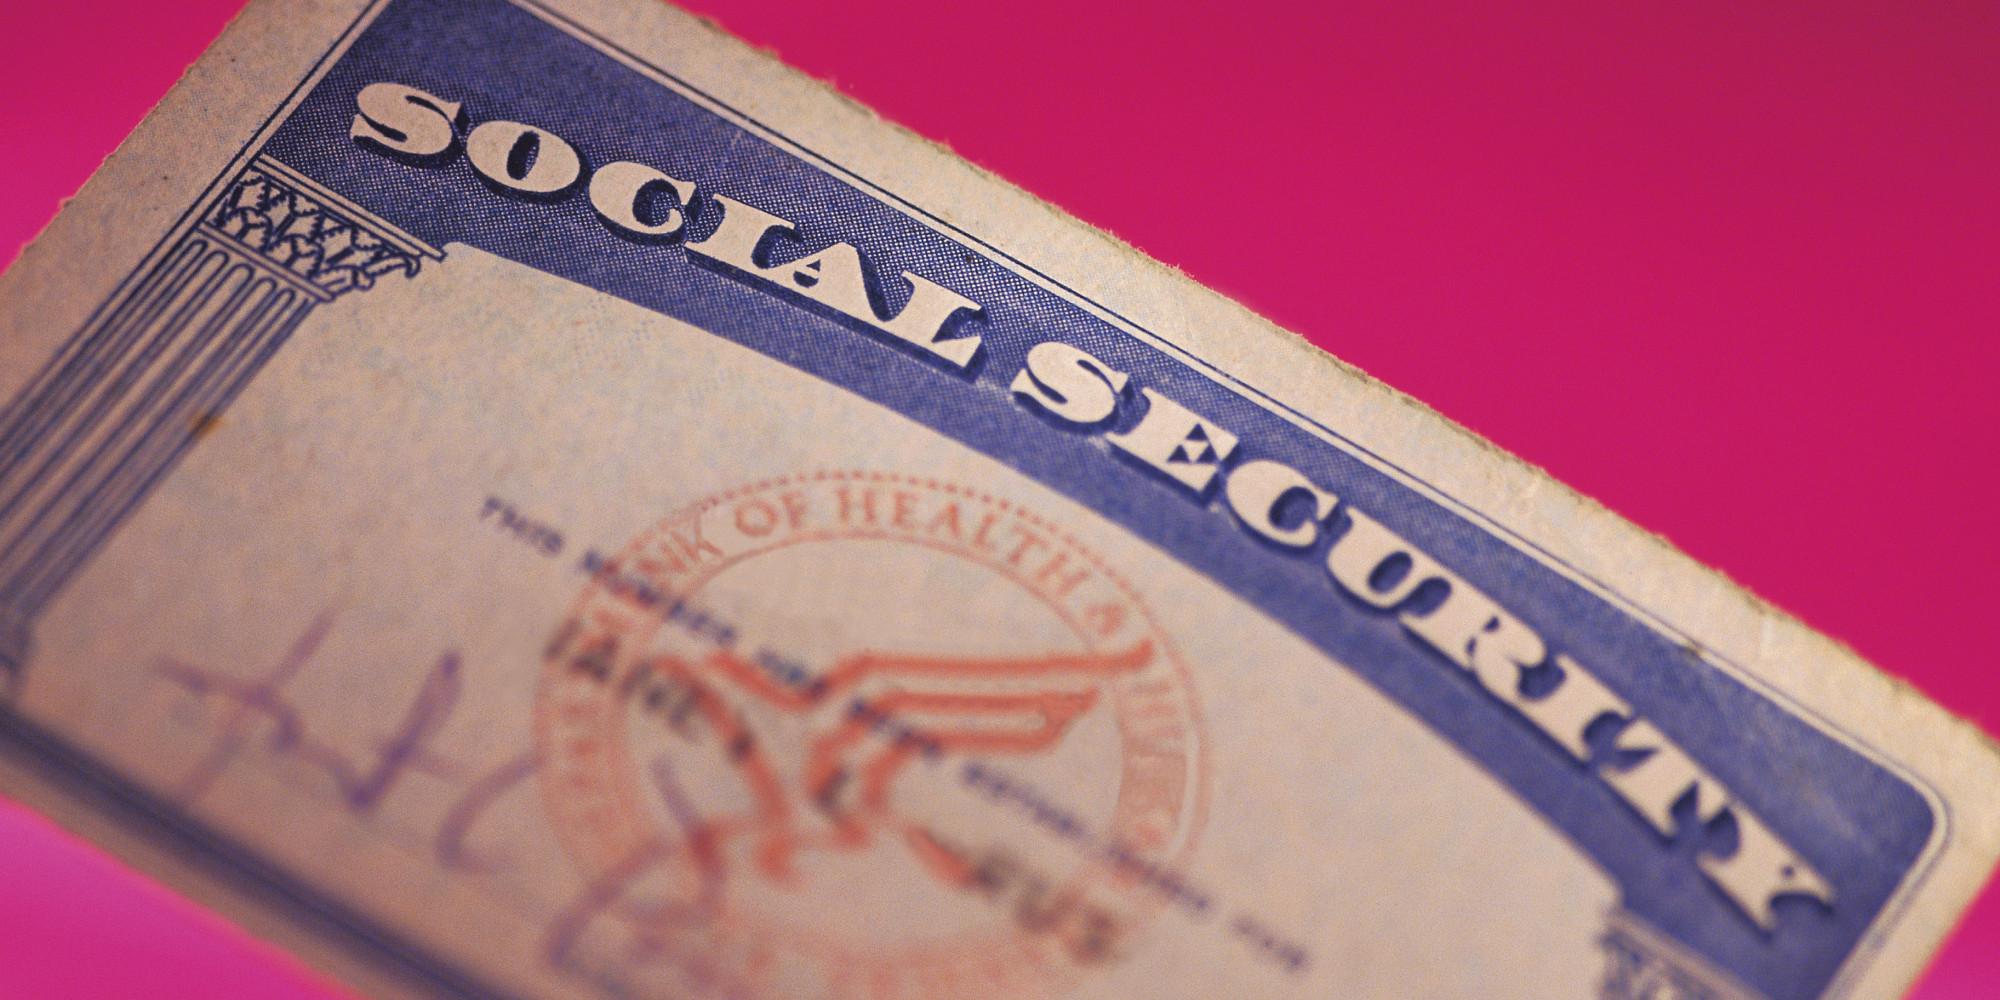 San dimas payday loans image 2